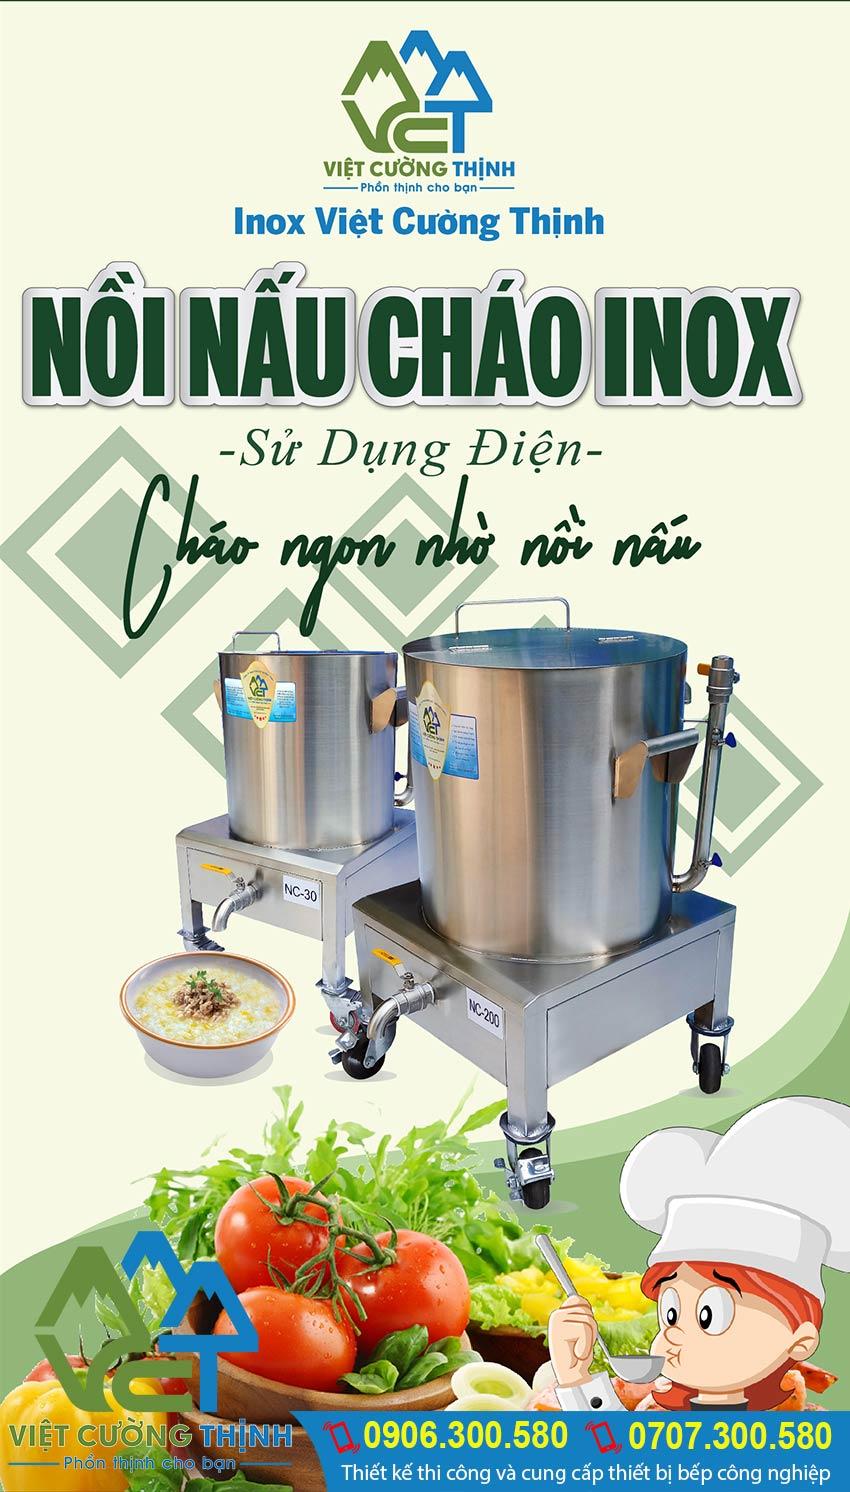 Nồi nấu cháo bằng điện, Nồi hầm cháo bằng điện, Nồi điện inox nấu cháo dinh dưỡng cao cấp và đa năng tại Inox Việt Cường Thịnh.